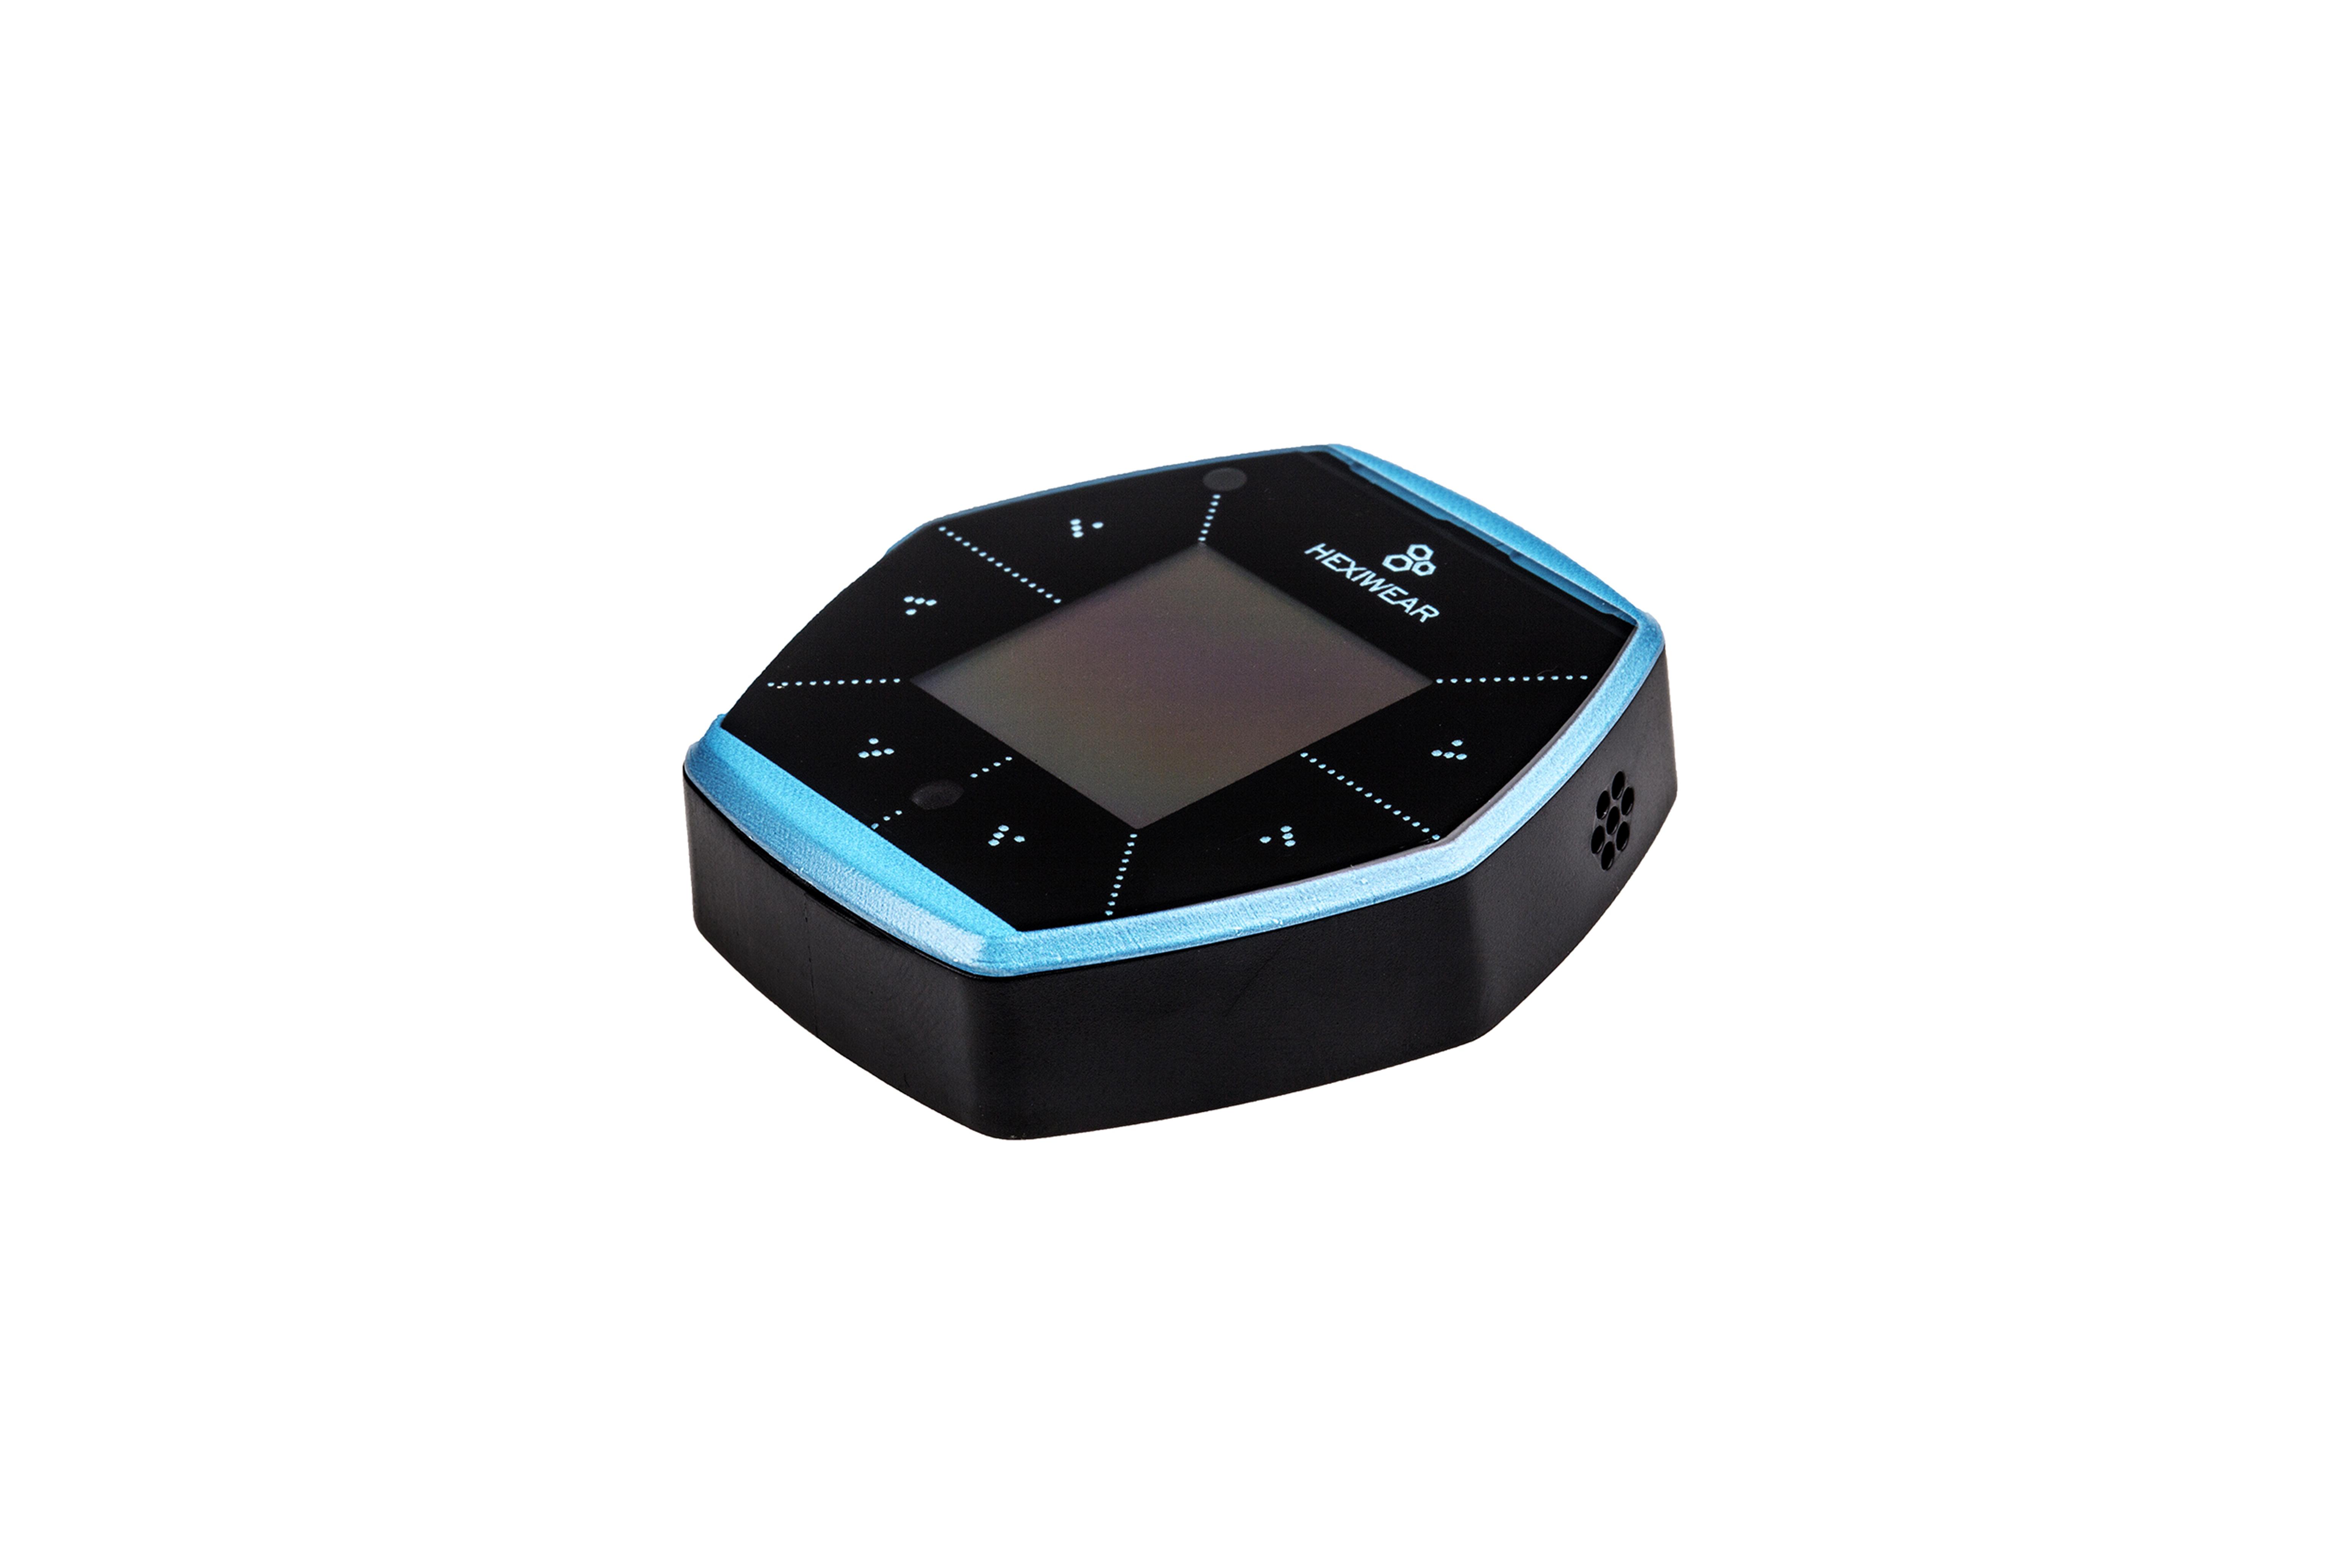 Kit de dév. portableHexiwear BLE pour IoT